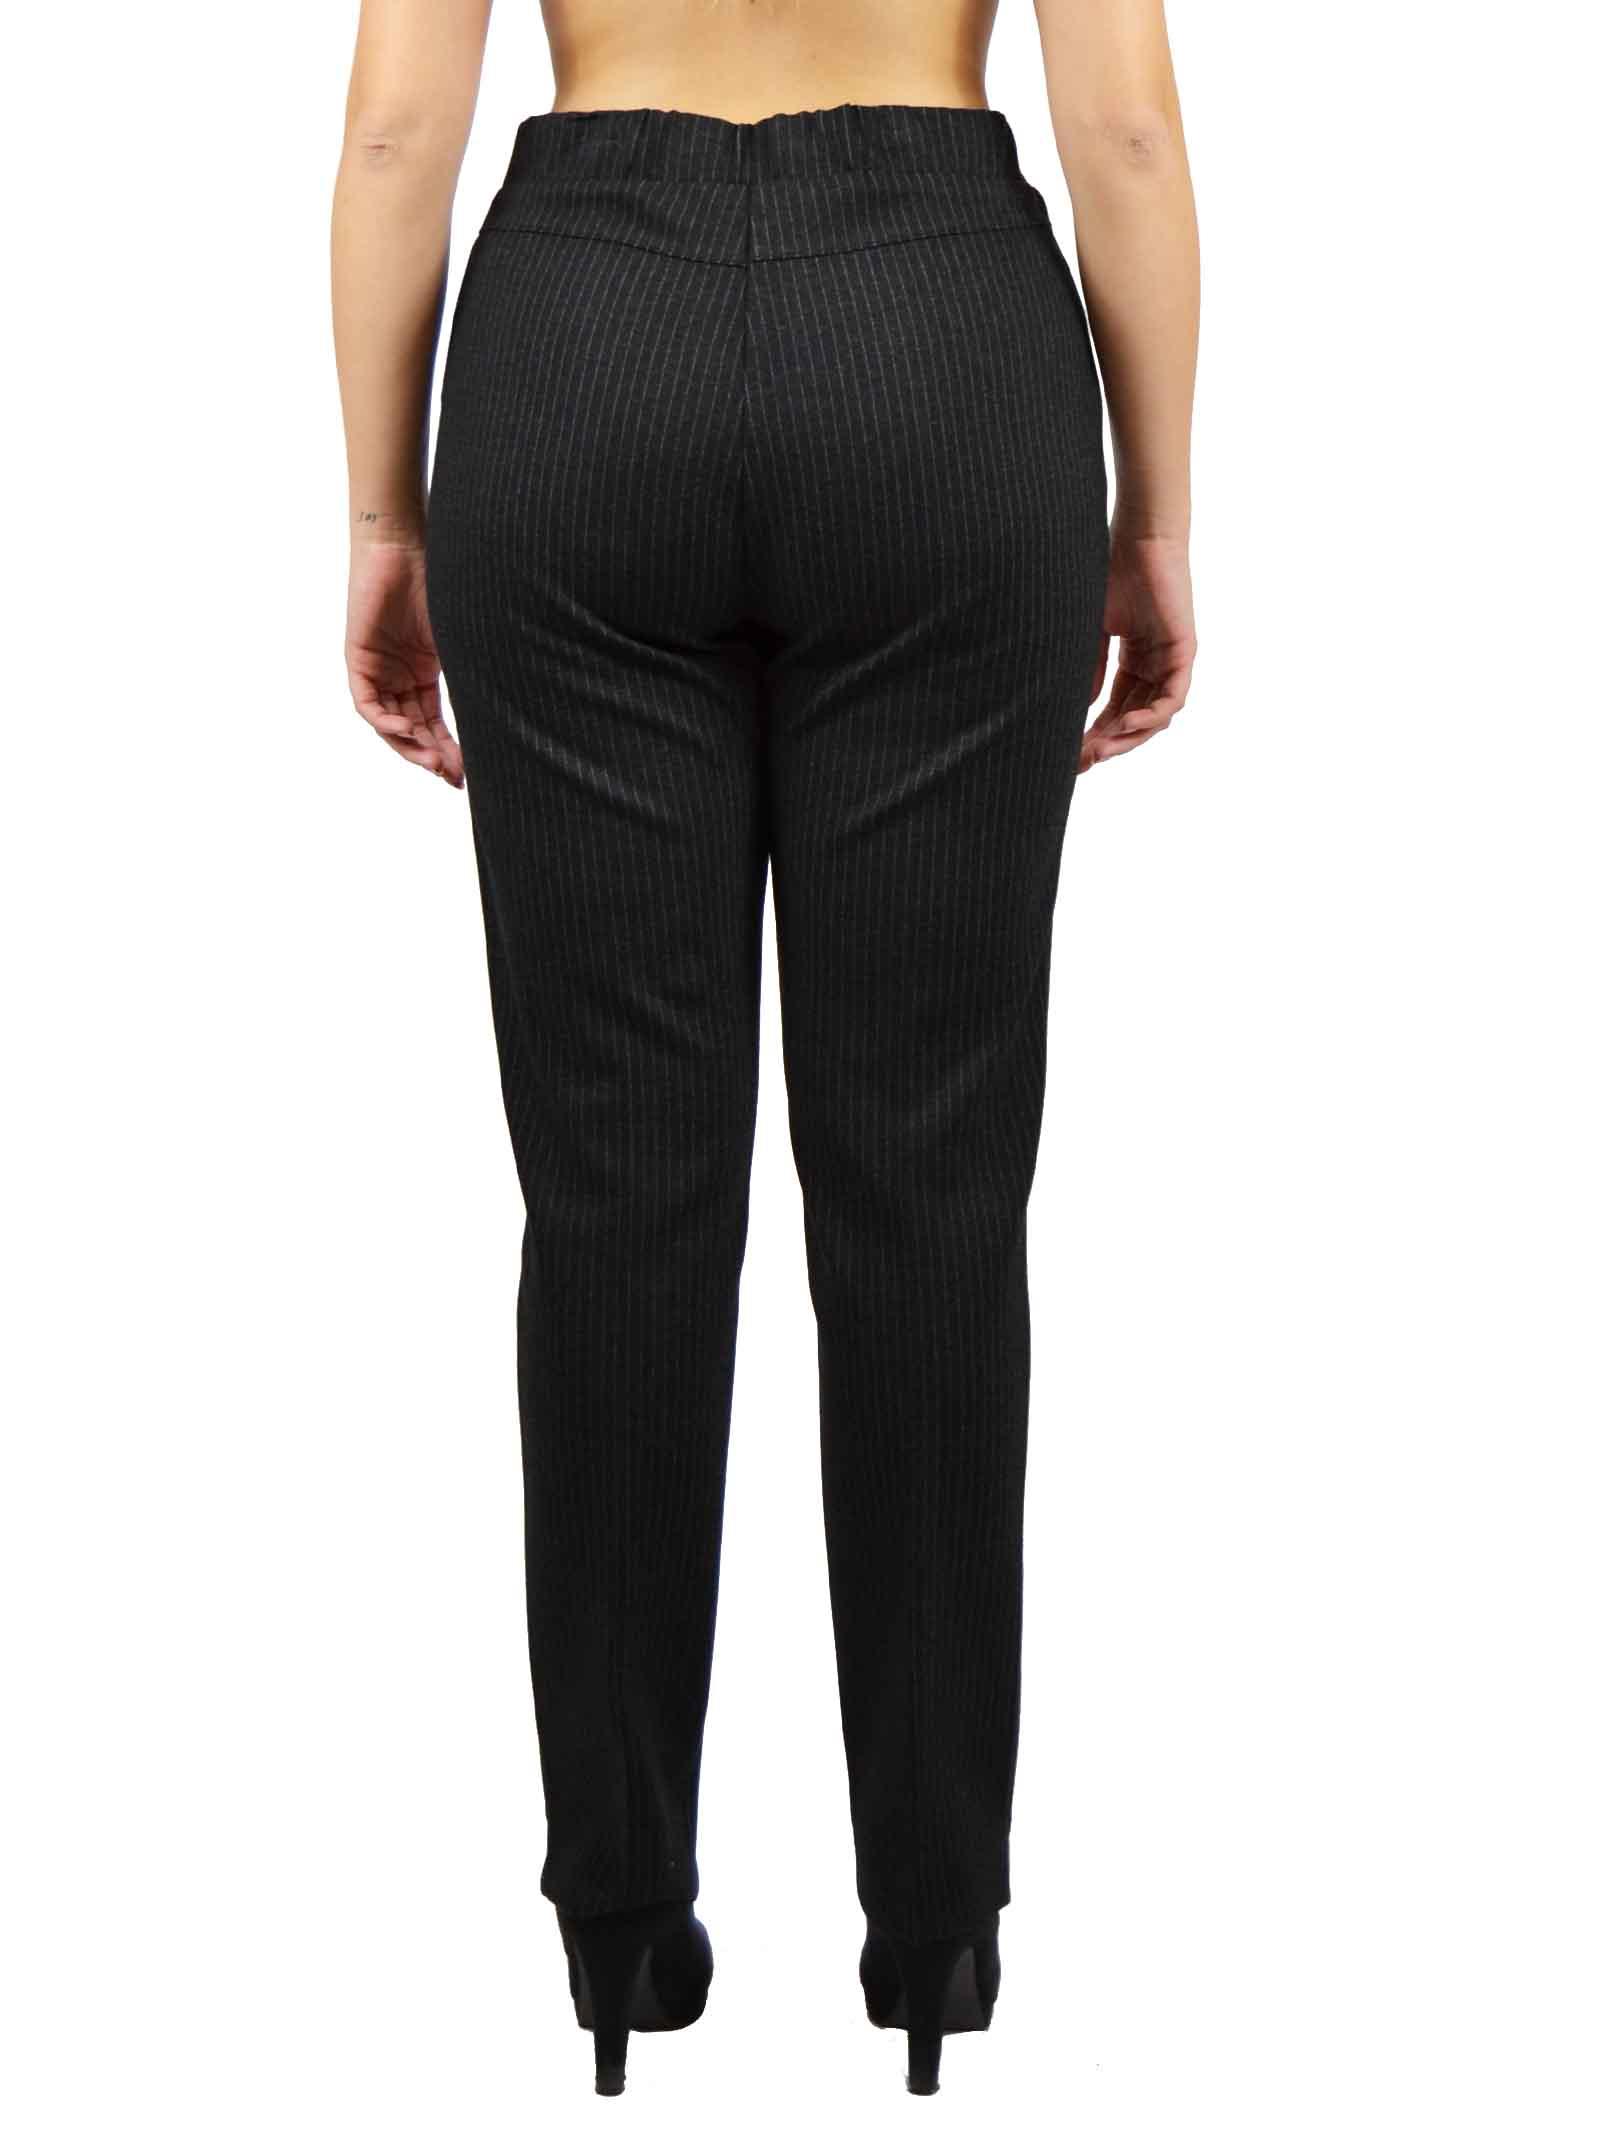 Pants with elastic  BENEDETTA VALERI |  | GABINO-GESSATO01